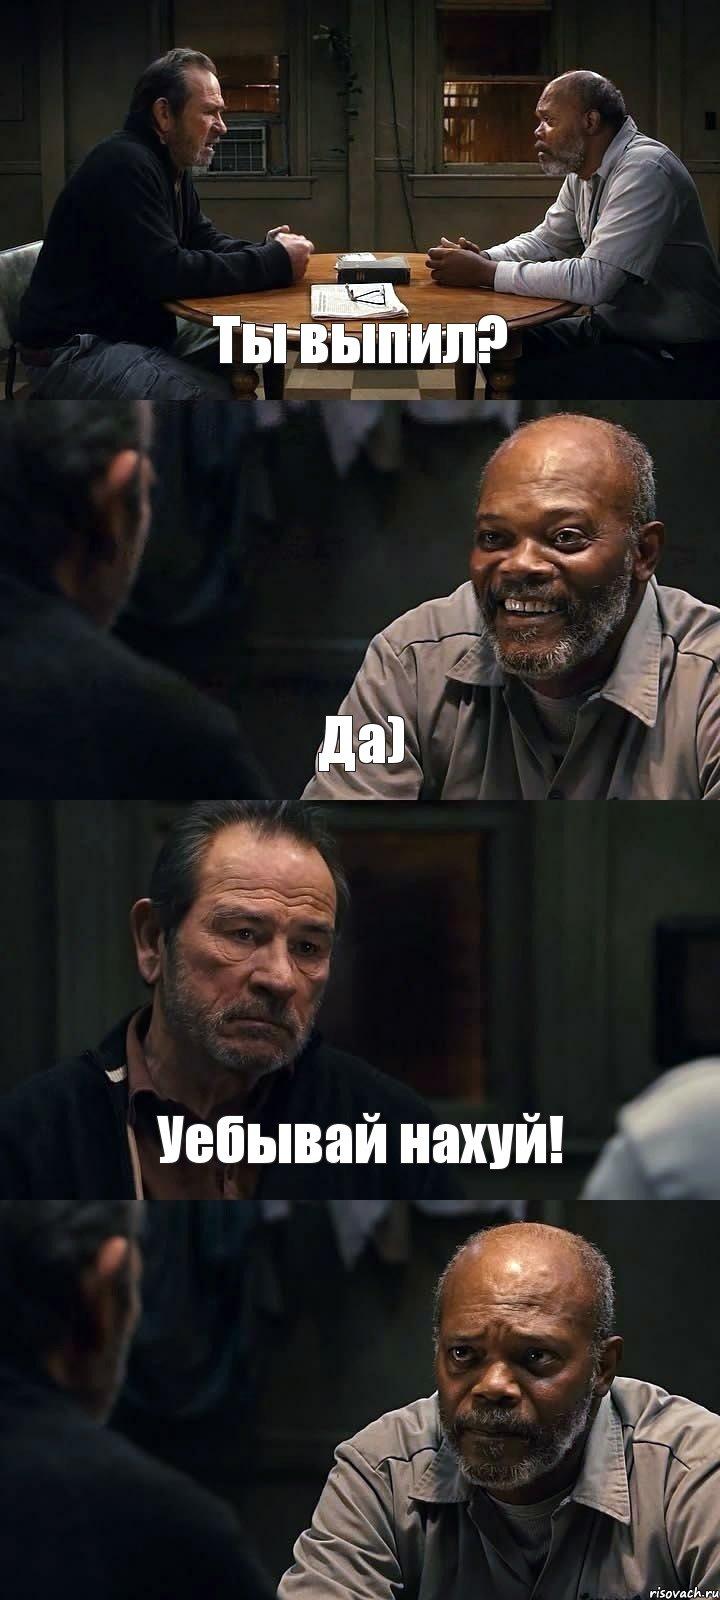 devushki-gruppi-podderzhki-v-sekse